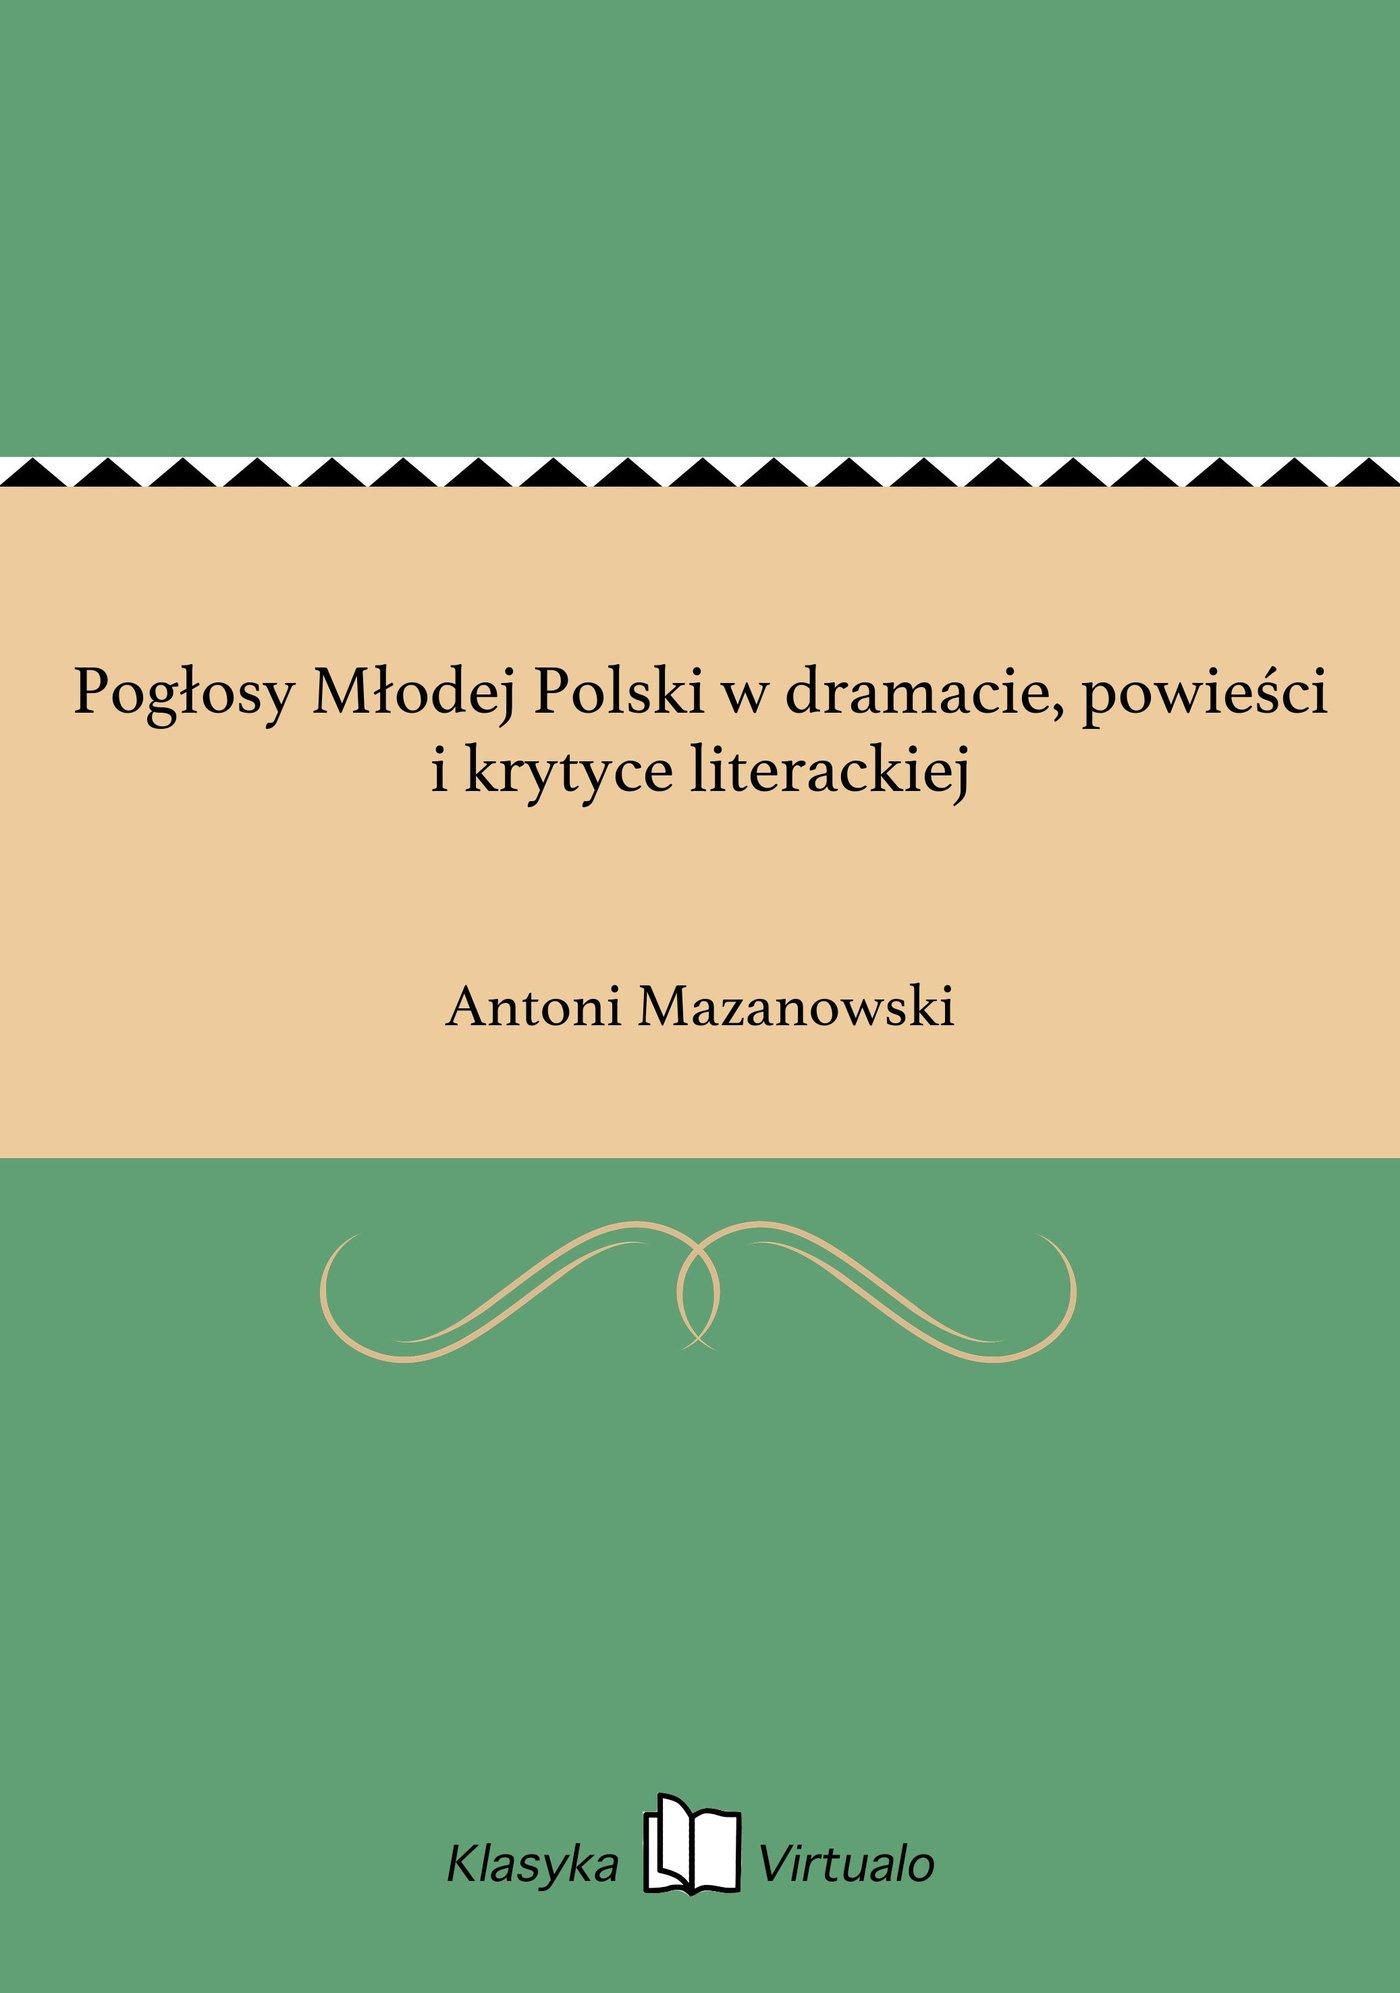 Pogłosy Młodej Polski w dramacie, powieści i krytyce literackiej - Ebook (Książka EPUB) do pobrania w formacie EPUB